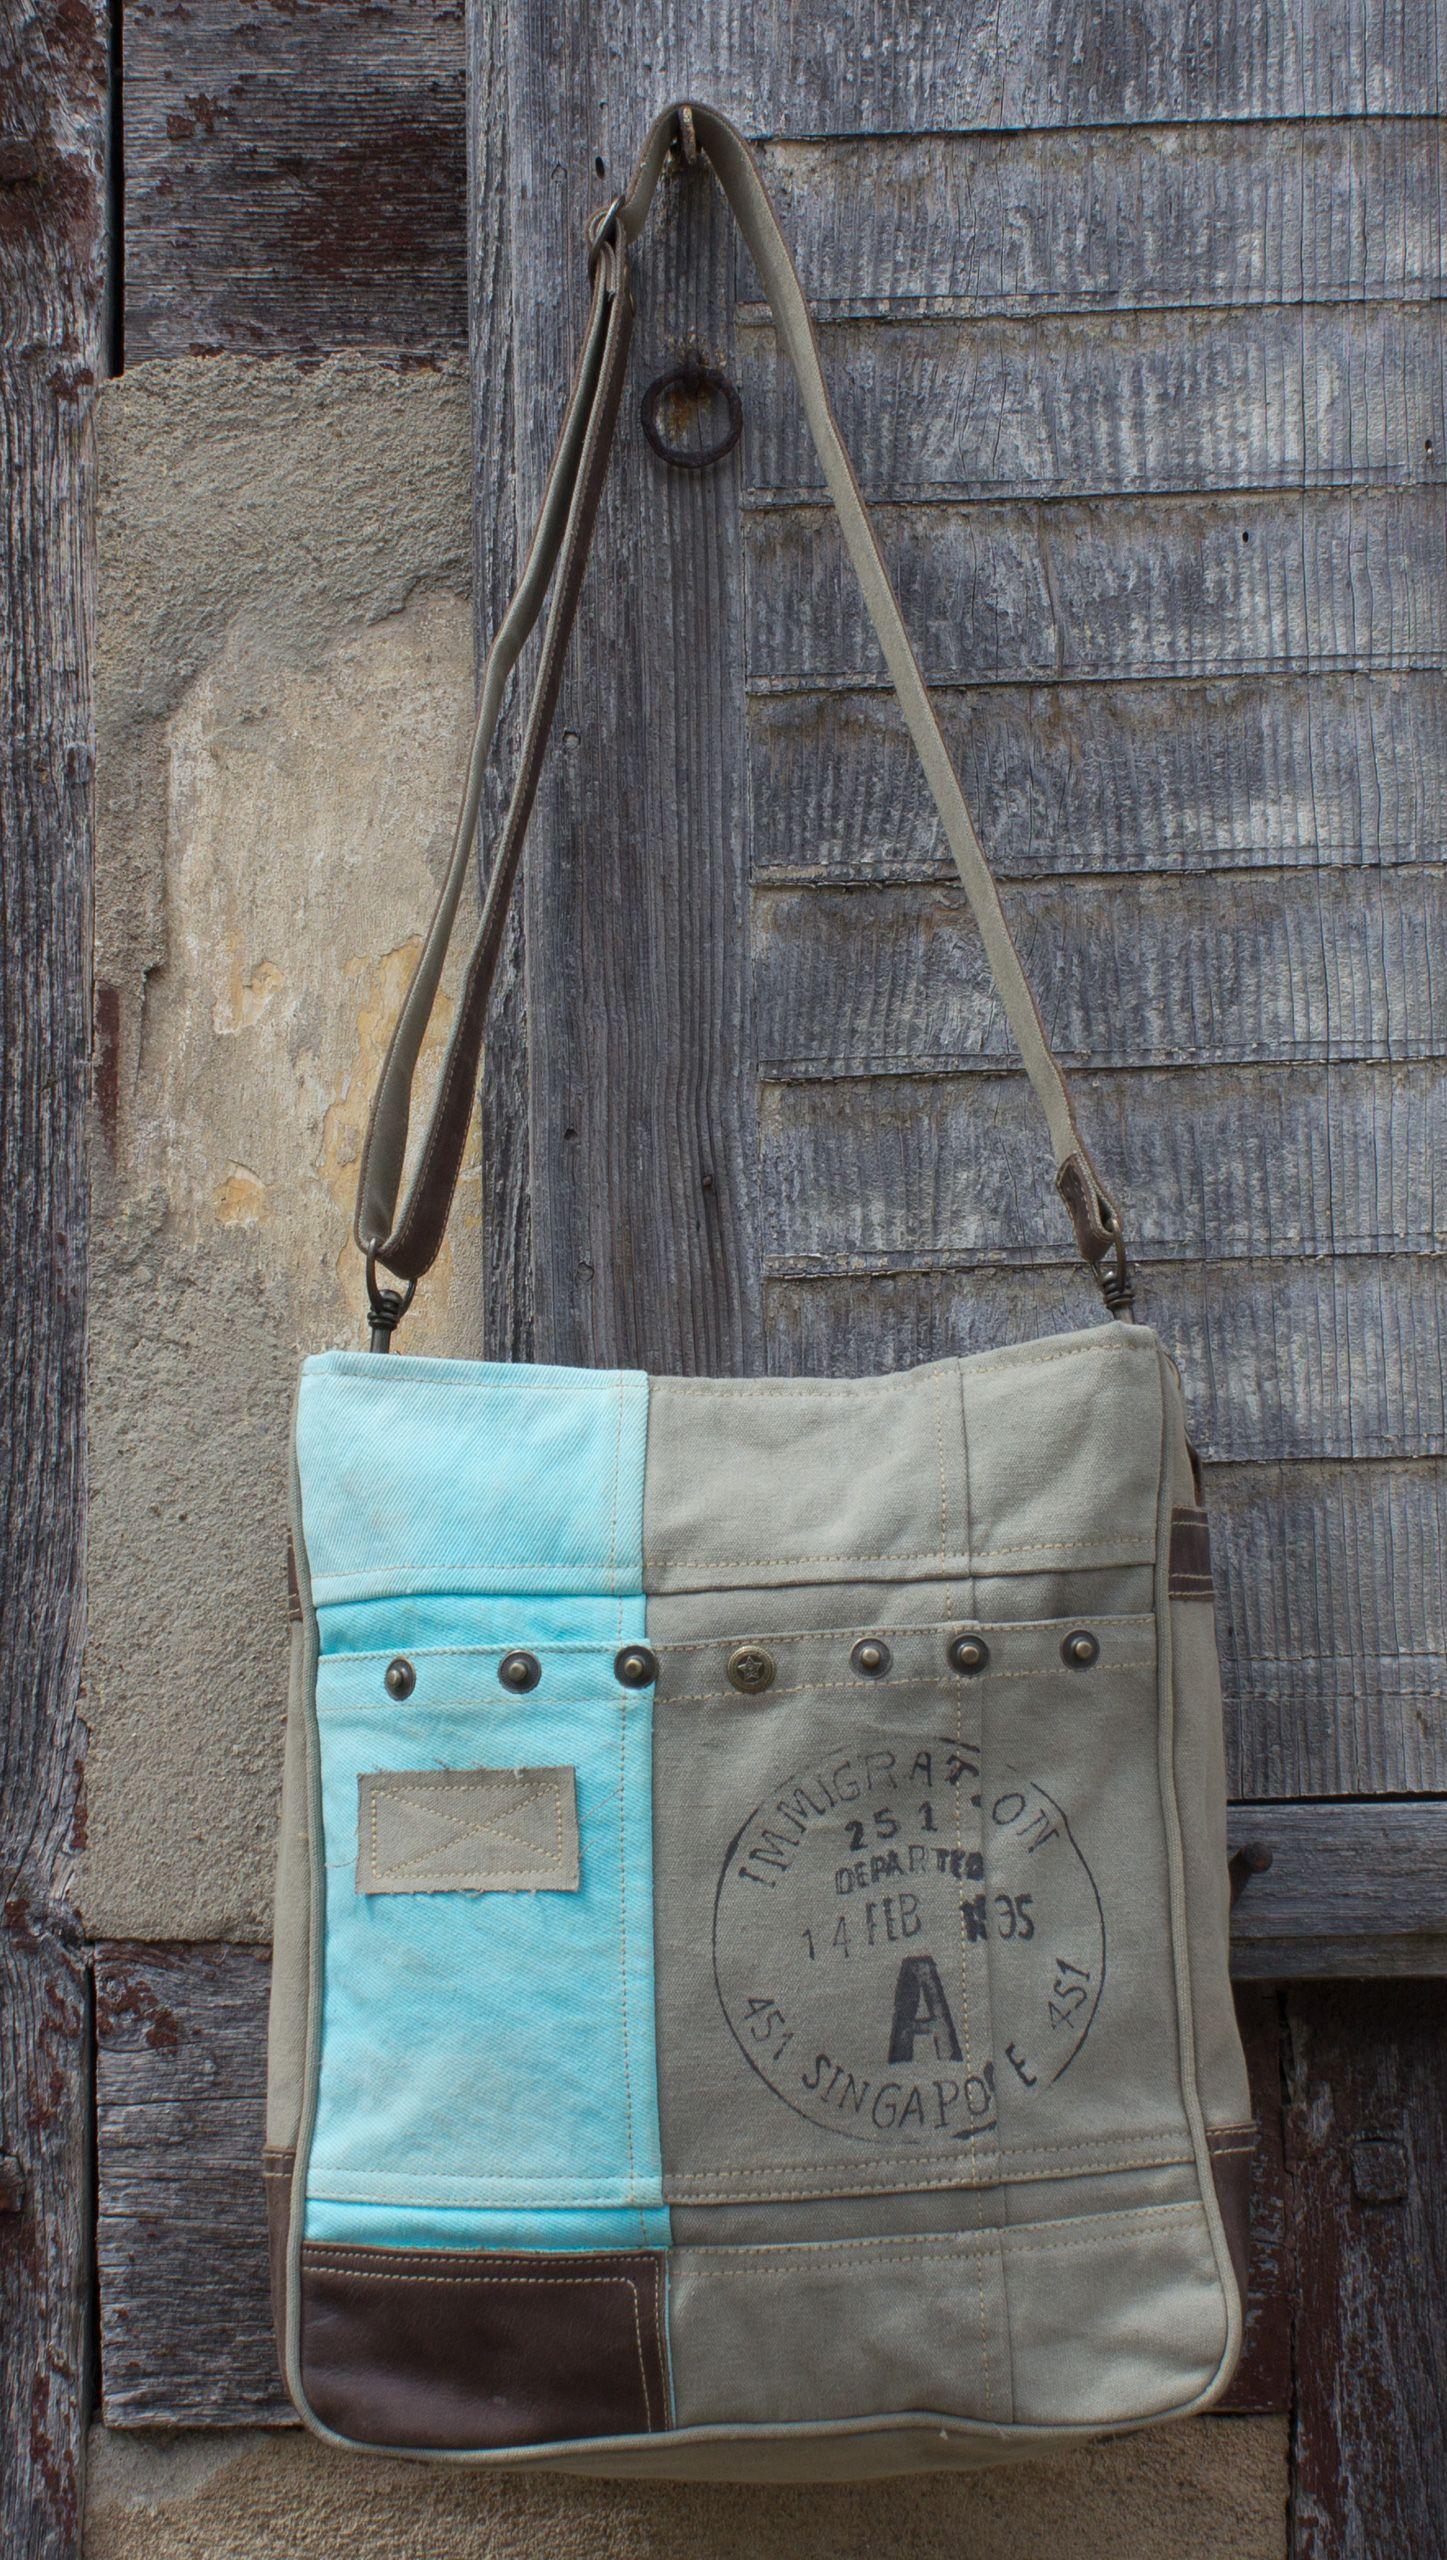 Sunsa Vintage Schultertasche Umhängetasche aus Canvas/ Segeltuch in blau, beige